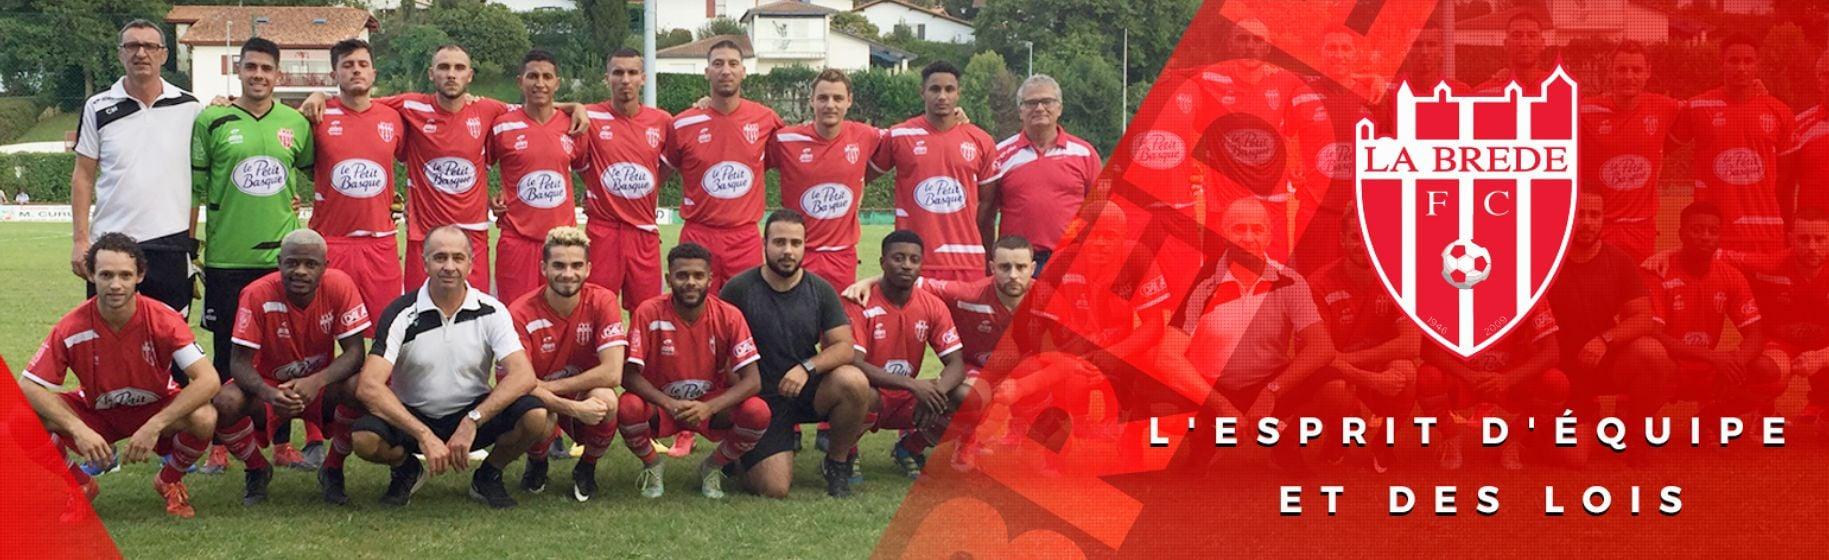 La Brede FC